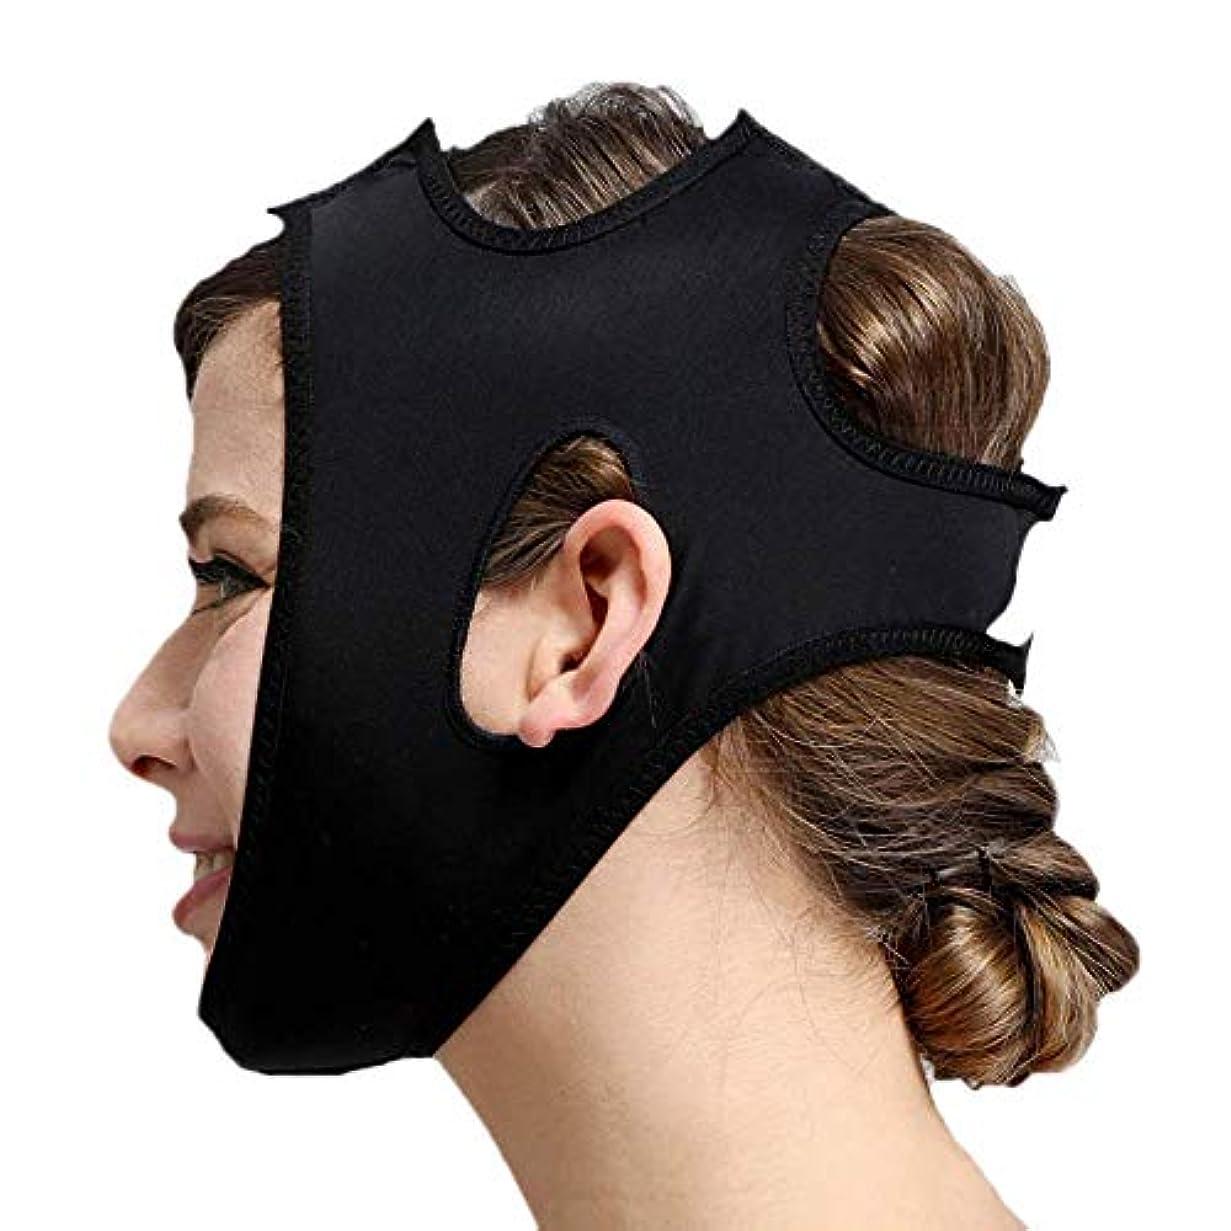 ジョージハンブリー妥協ドールフェイススリミングマスク、快適さと通気性、フェイシャルリフティング、輪郭の改善された硬さ、ファーミングとリフティングフェイス(カラー:ブラック、サイズ:XL),黒、M